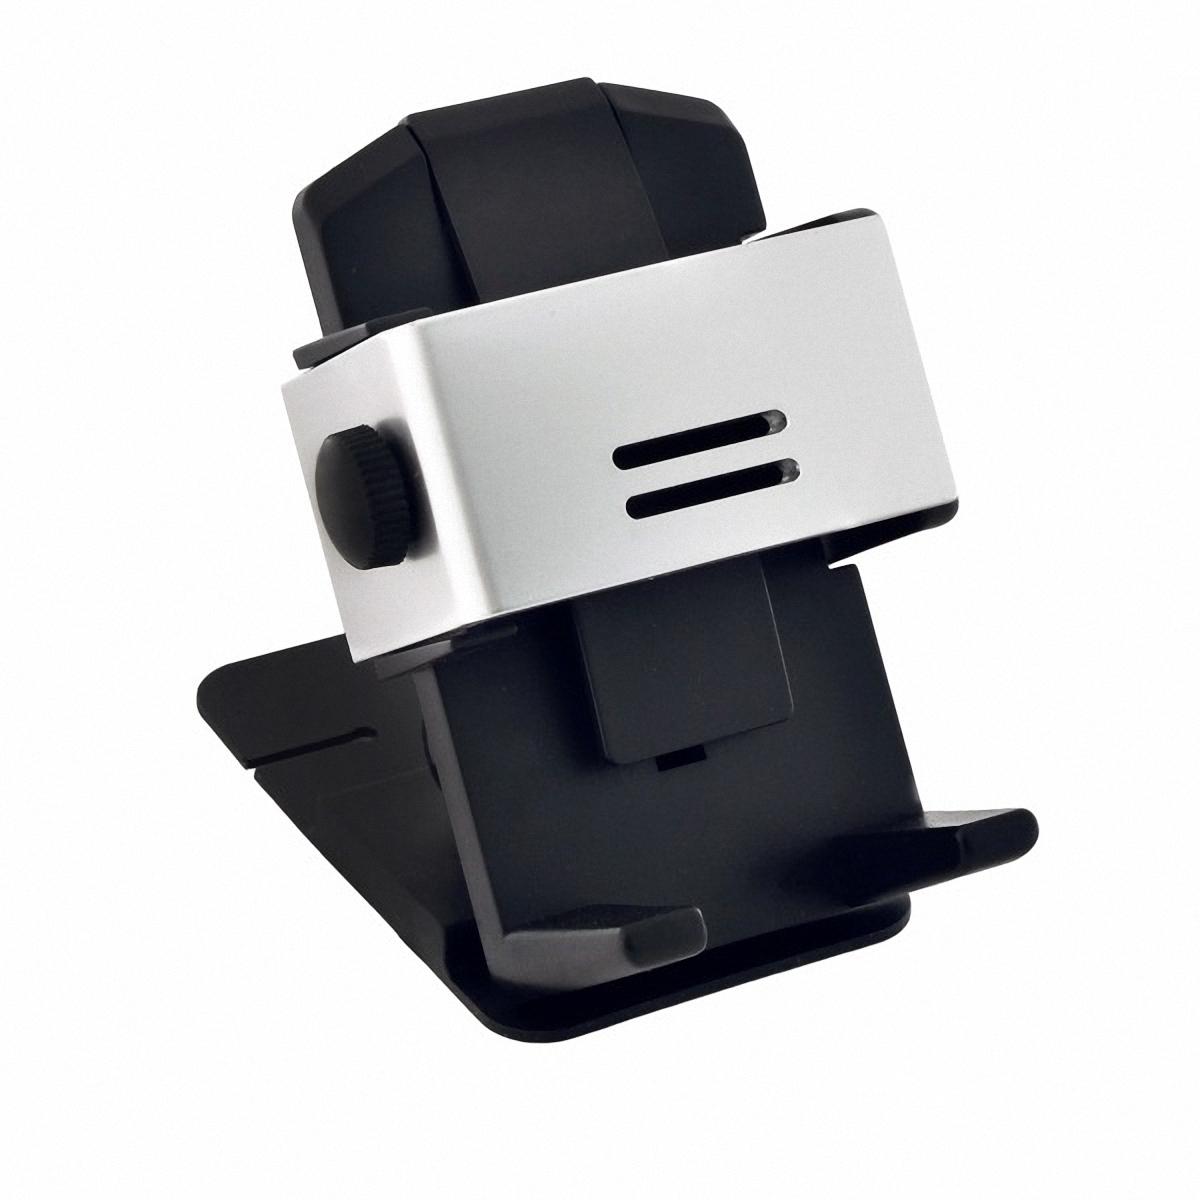 Держатель автомобильный Skyway, для телефона, на дефлектор. SW-1101/S00301010SW-1101/S00301010Держатель выполнен из пластика, предназначен для телефона. Оригинальный дизайн. Лёгкость и простота установки. Свойства: Быстрая установка. Надёжность креплений. Безопасность для вождения. Регулируемая ширина захвата: 40-60 мм.